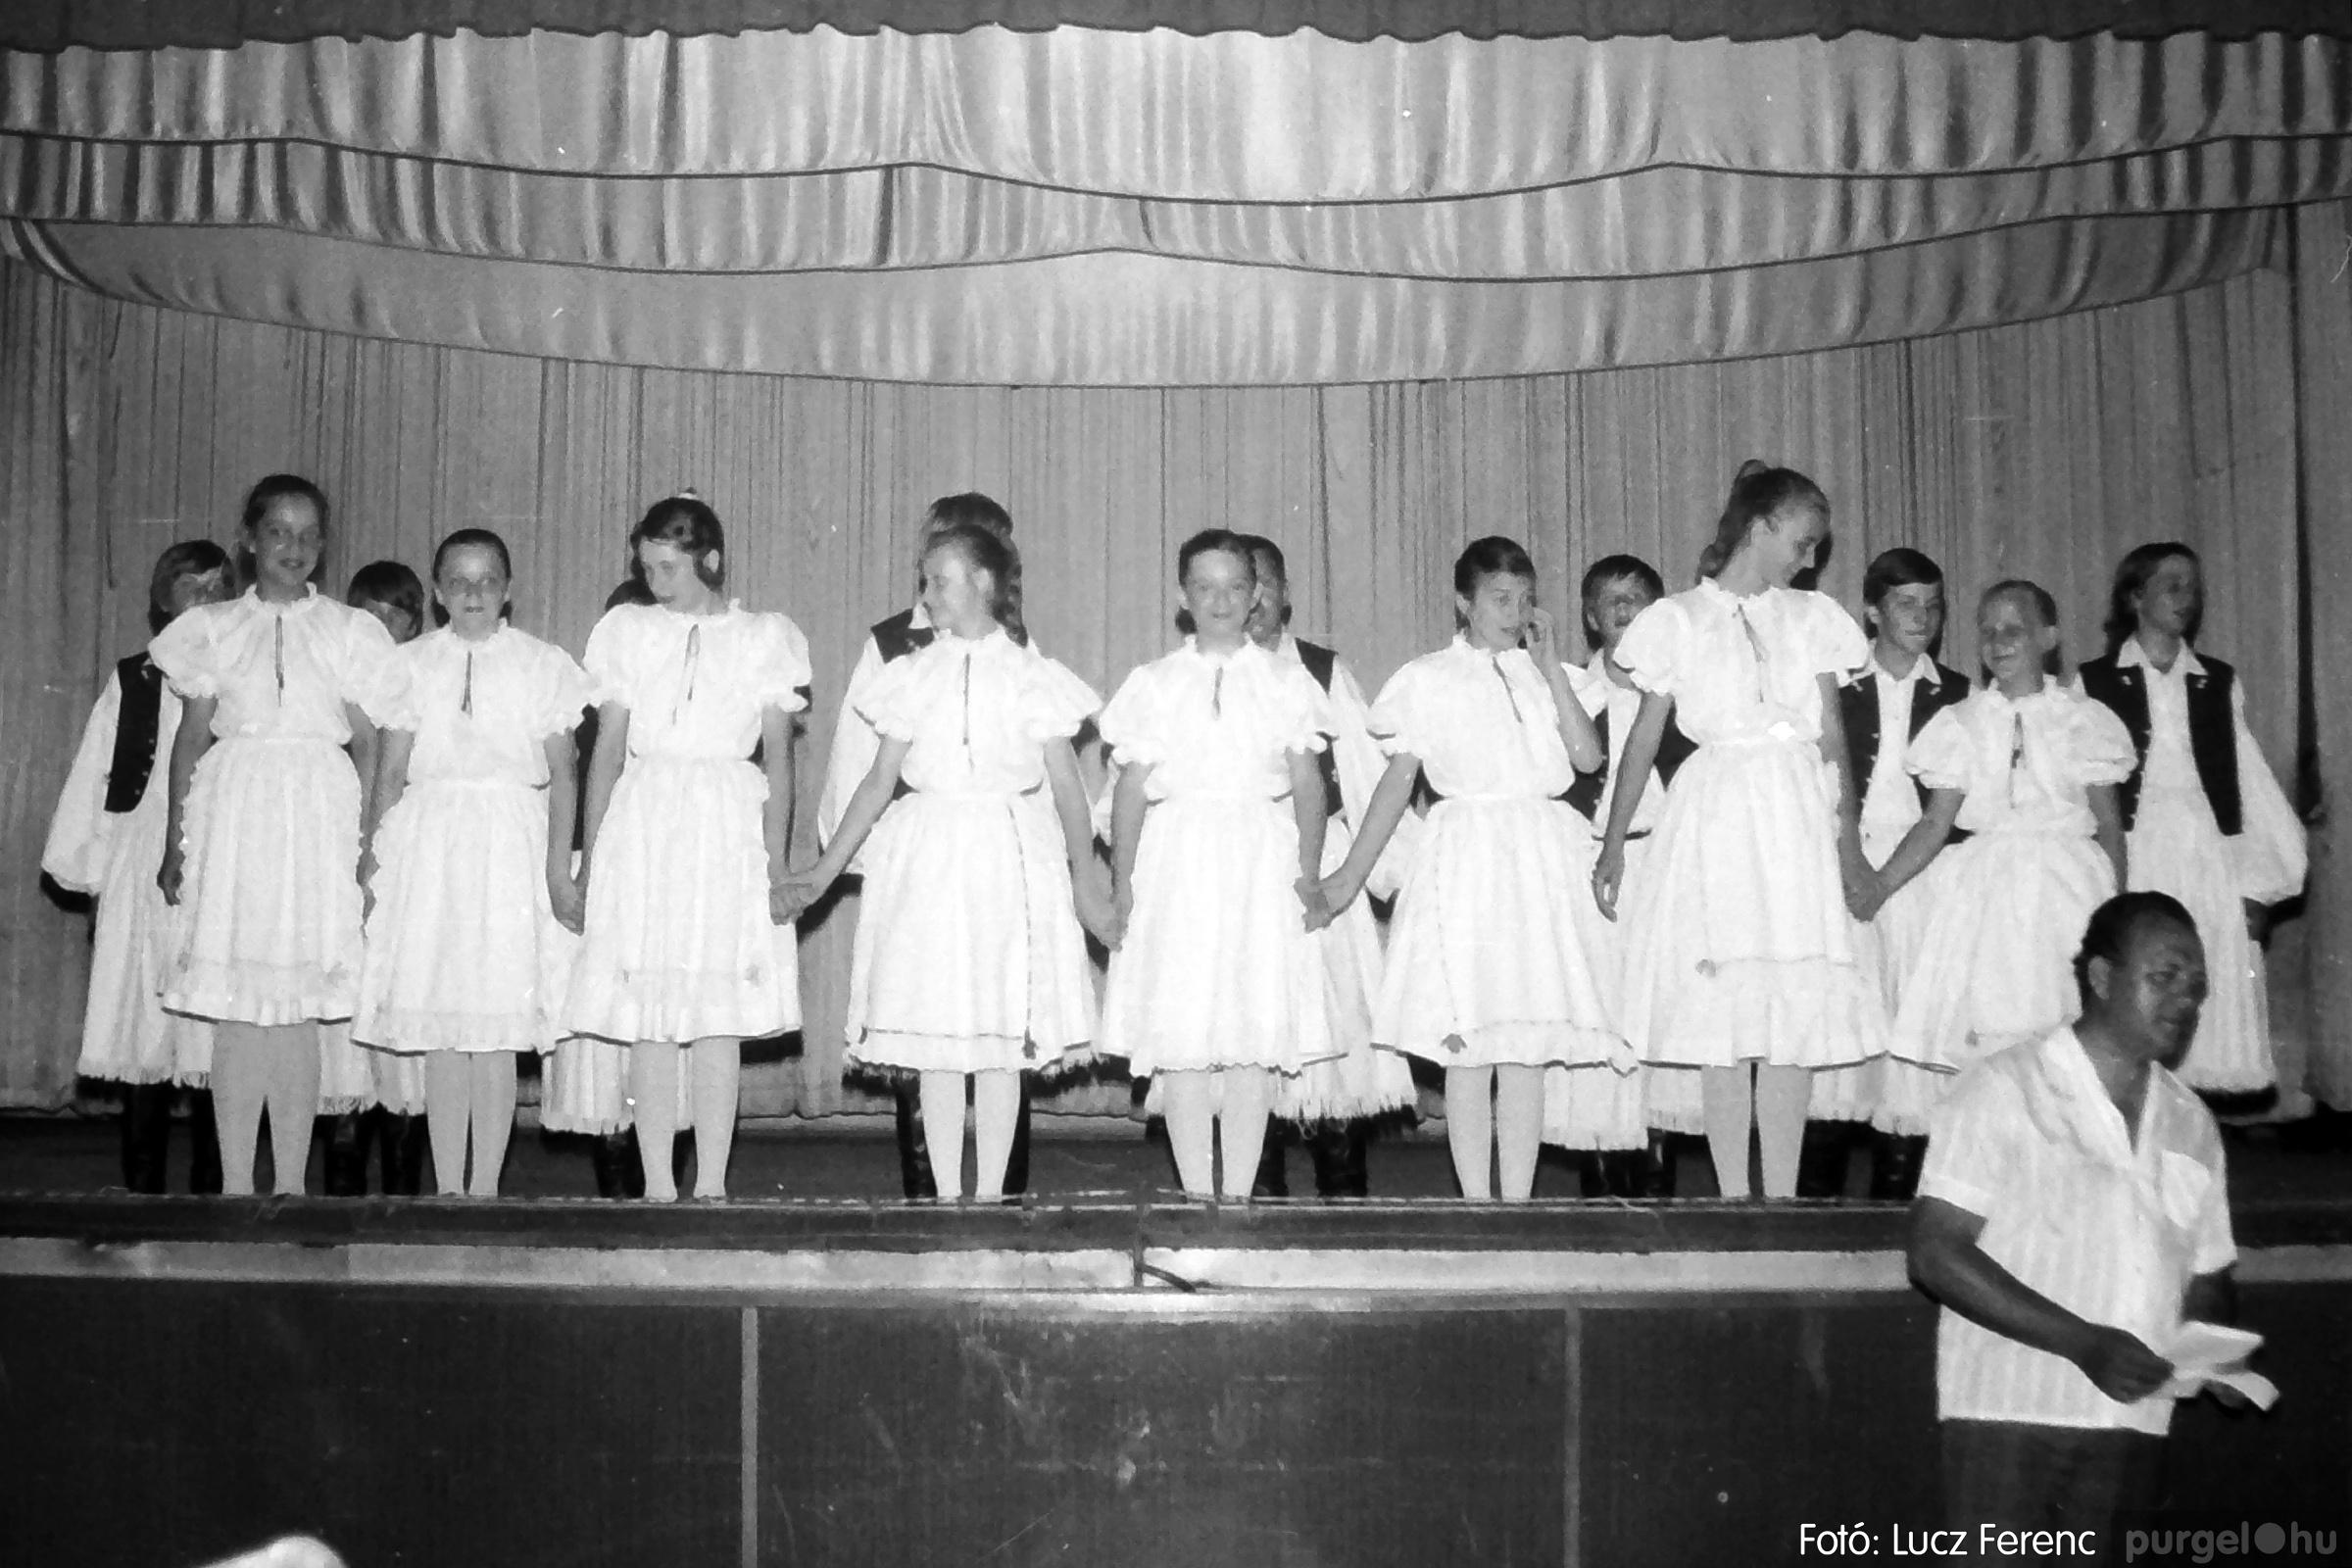 081. 1977. Néptáncosok fellépése a kultúrházban 010. - Fotó: Lucz Ferenc.jpg